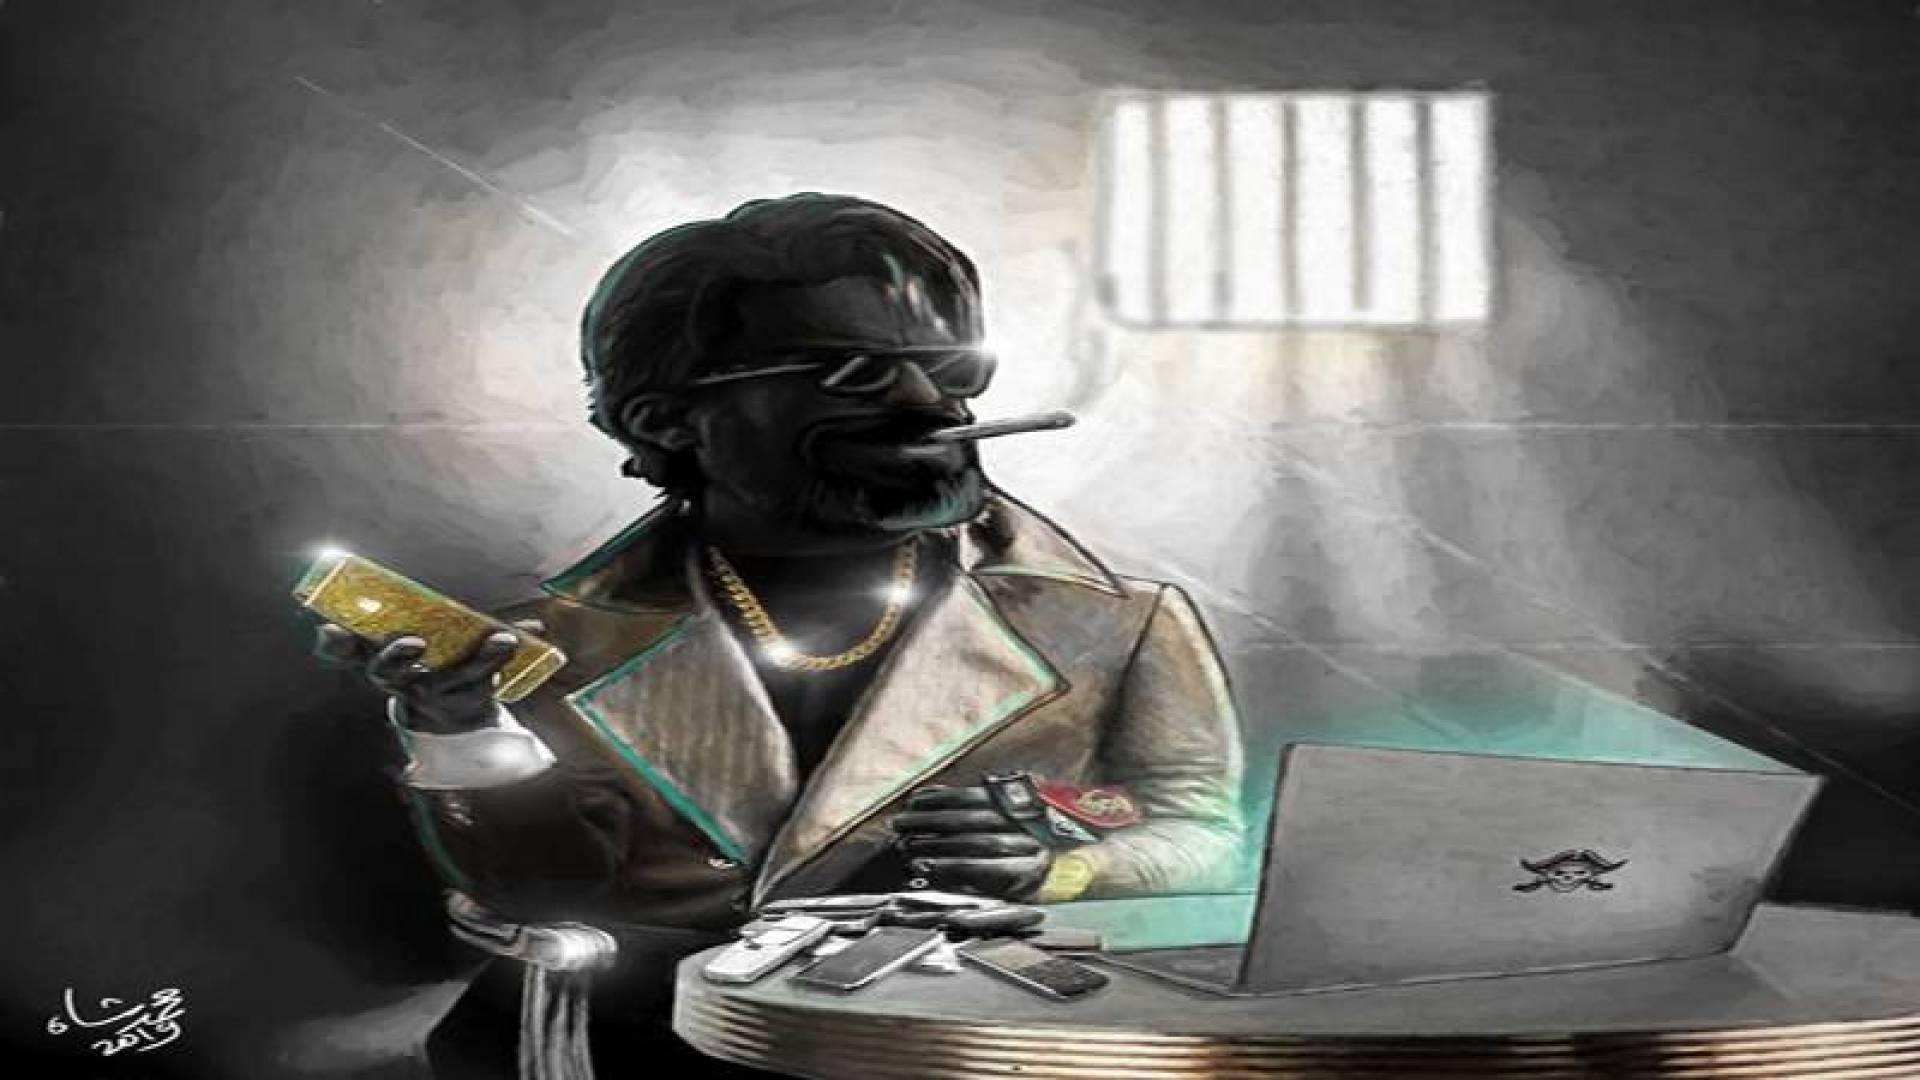 امرأة مشهورة أمام «الجنايات»: «السجين النصاب» أهداني «بنتلي» و«رولز رويس».. ولم أقابله!